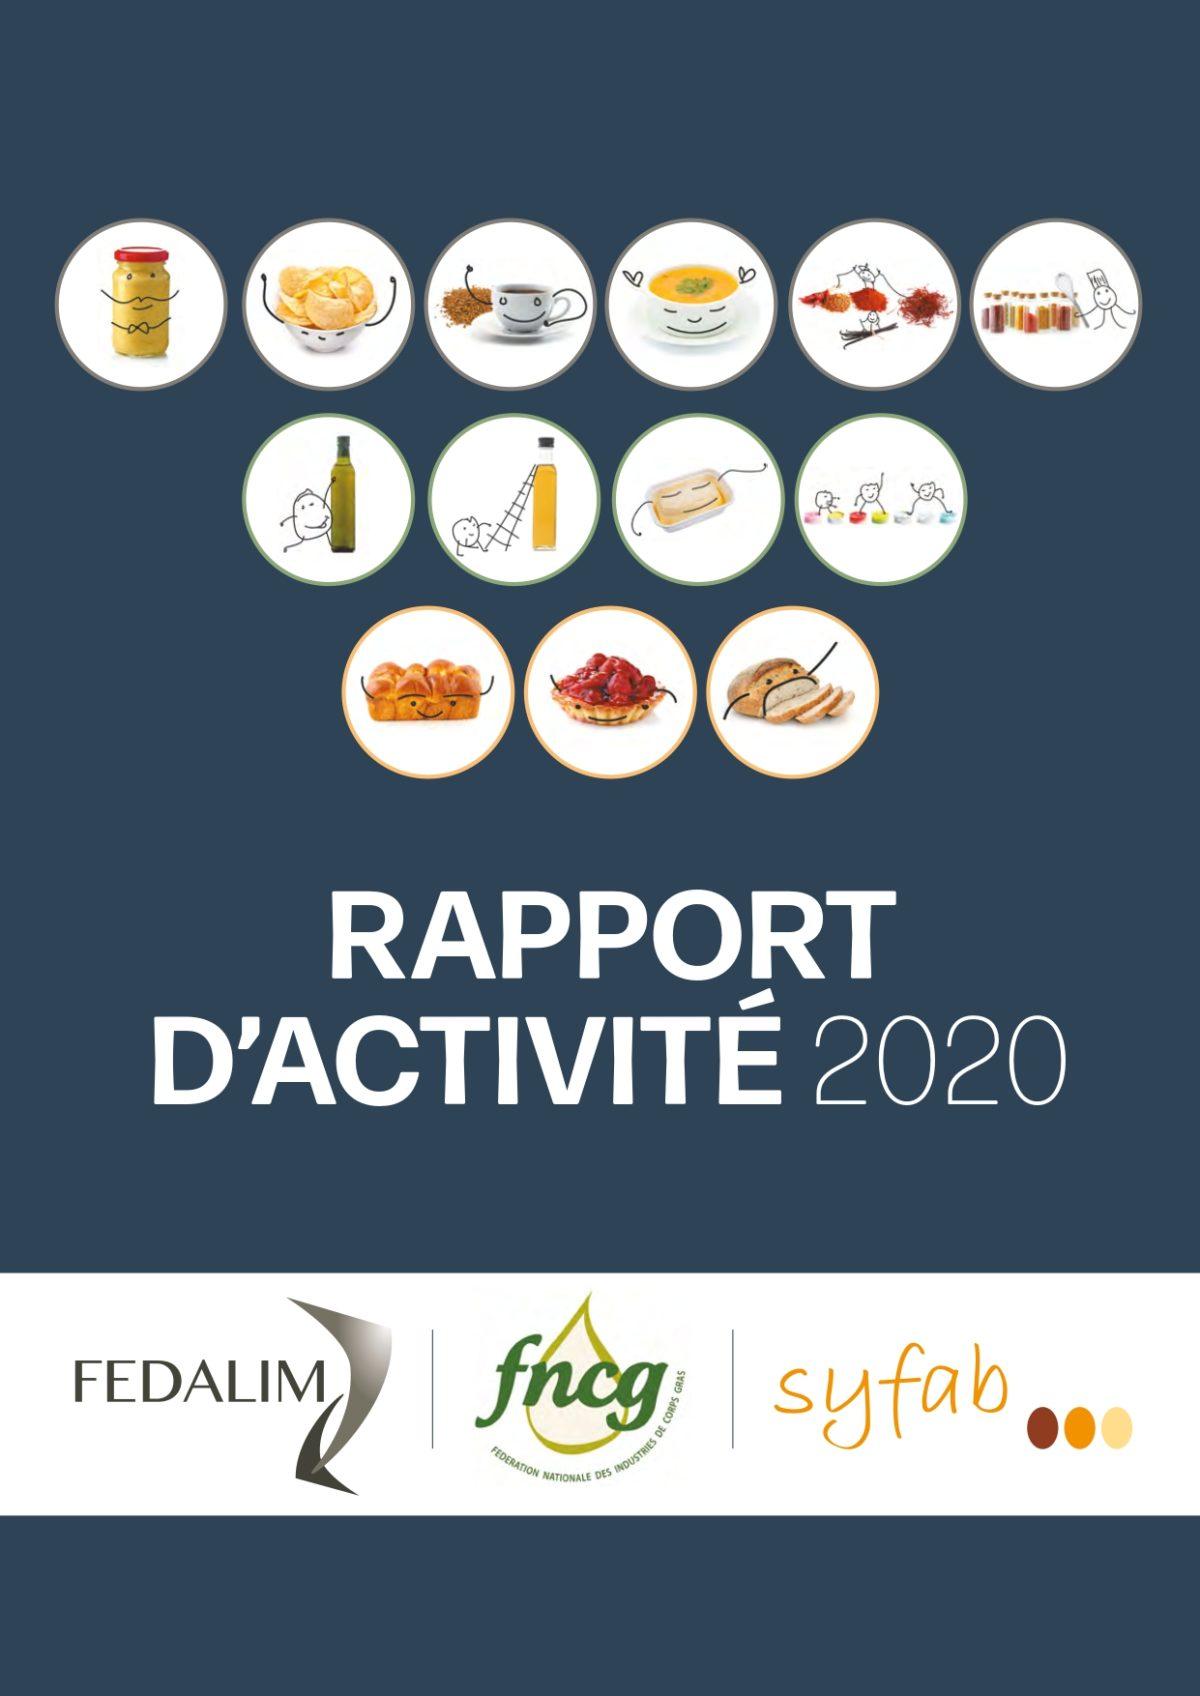 Rapport d'activité 2020 – FEDALIM FNCG SYFAB